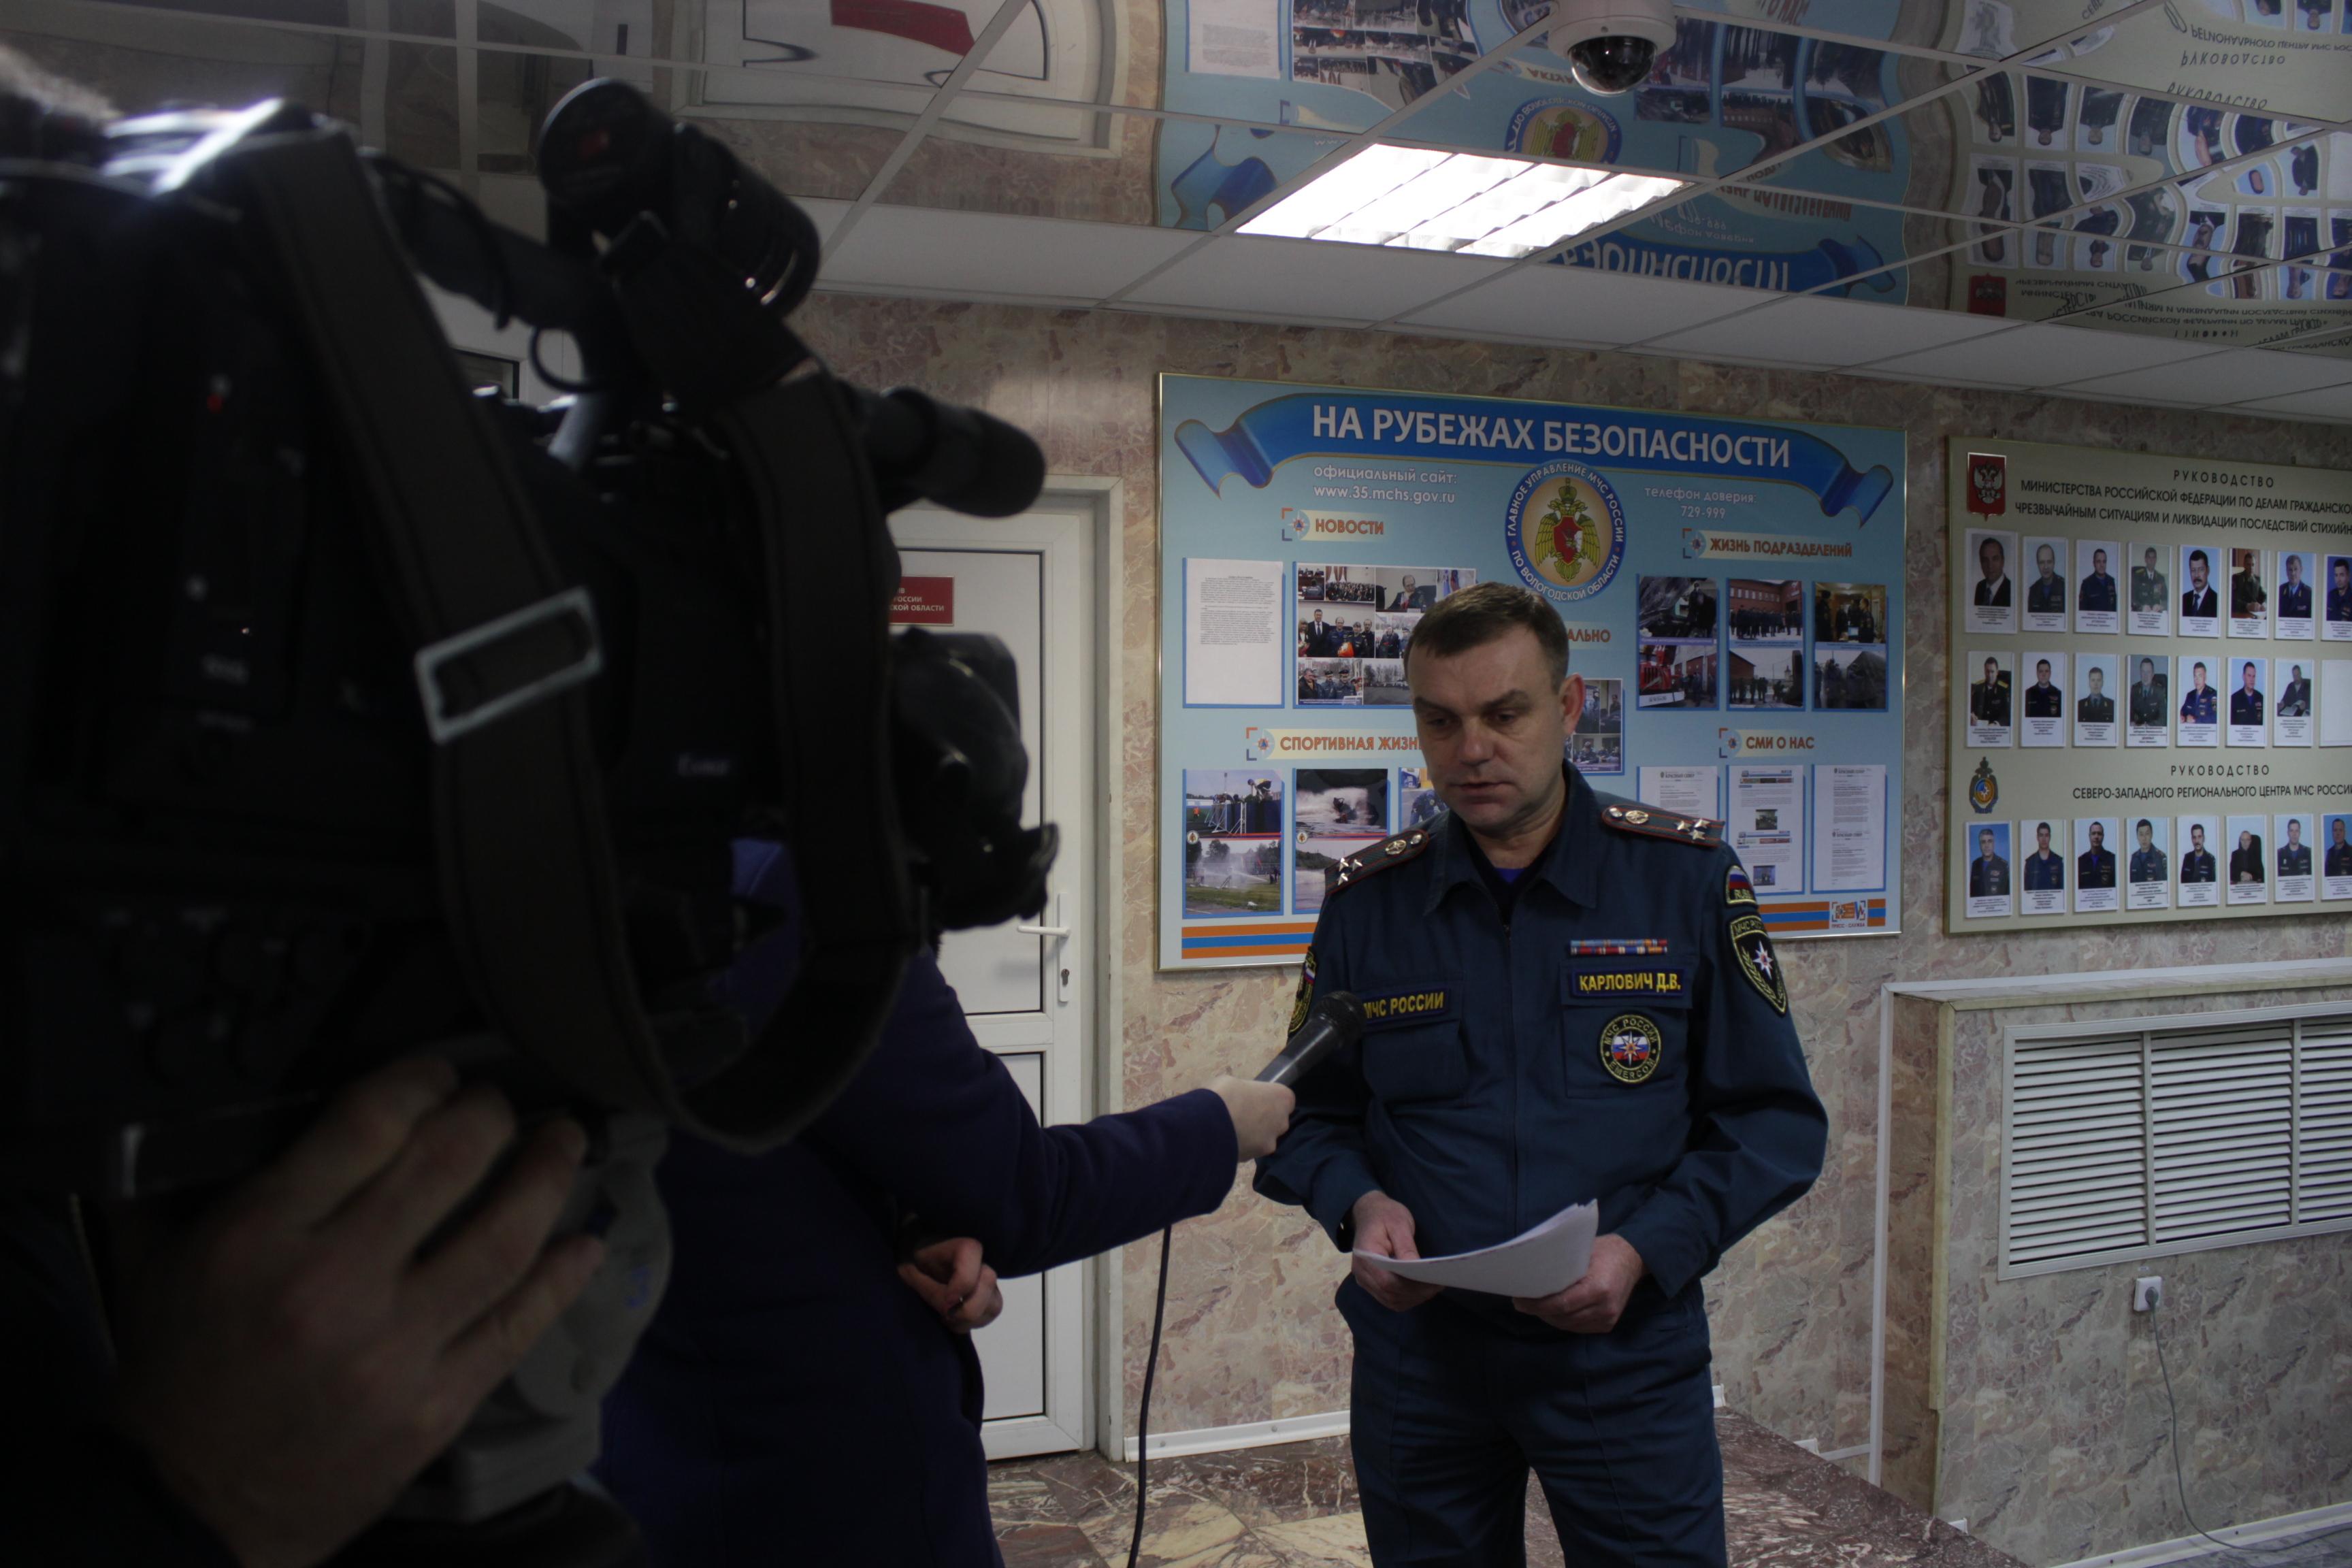 С места пожара  под Вологдой, где погибла семья, изъята проволока на экспертизу